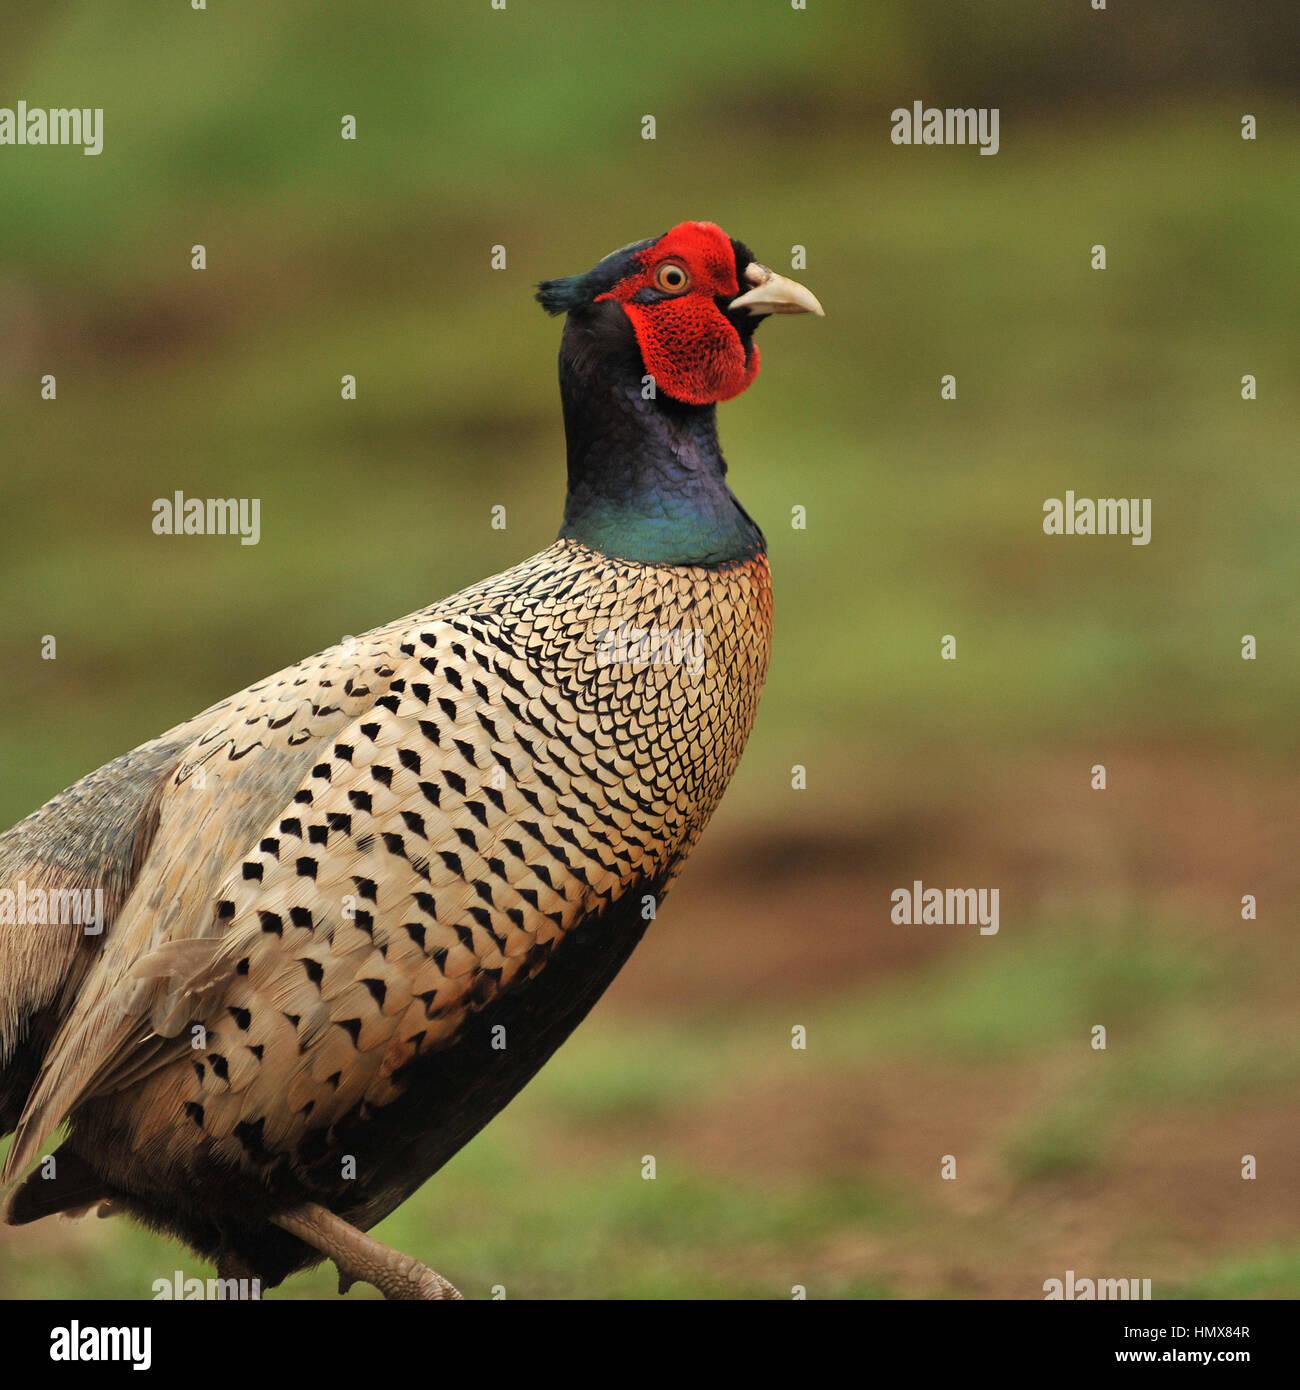 bohemian pheasant - Stock Image